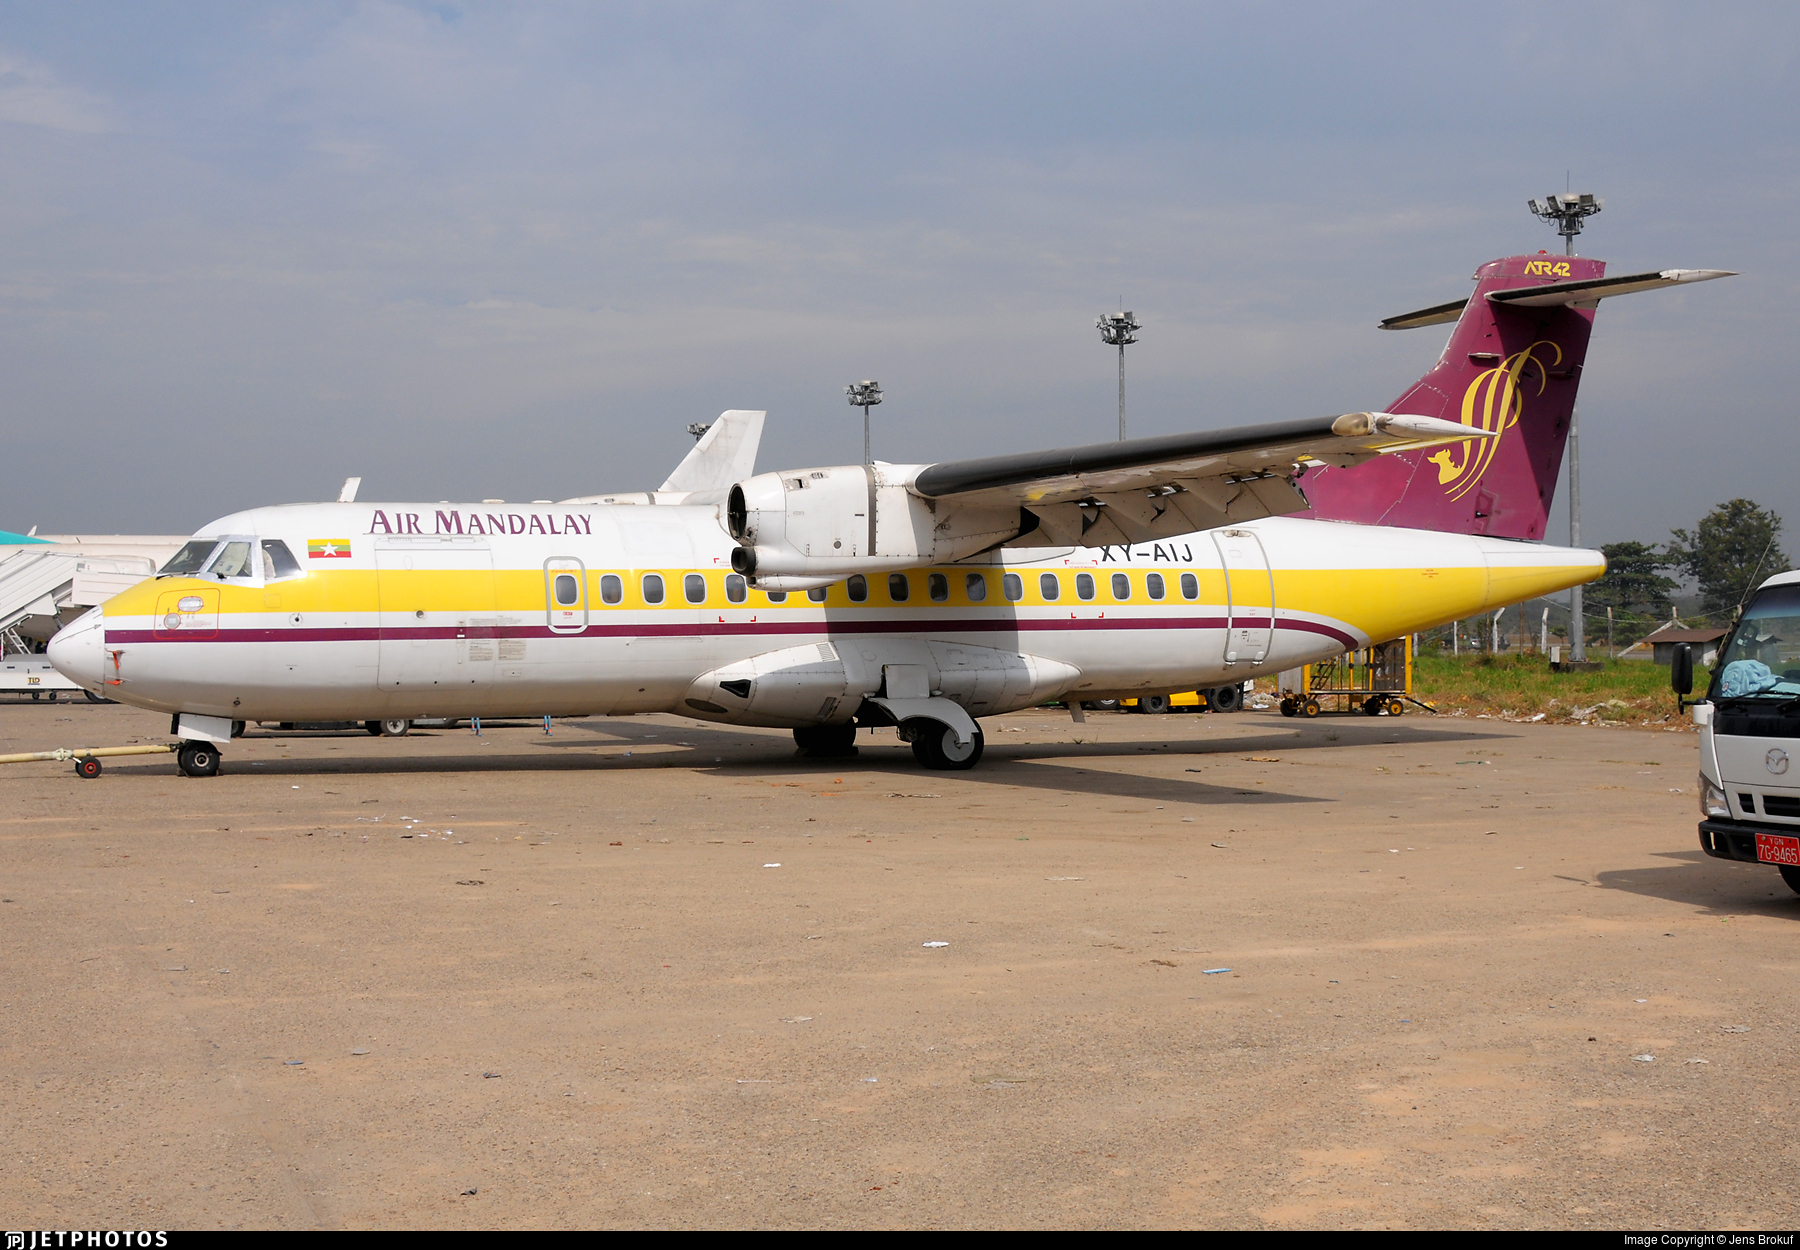 XY-AIJ - ATR 42-320 - Air Mandalay